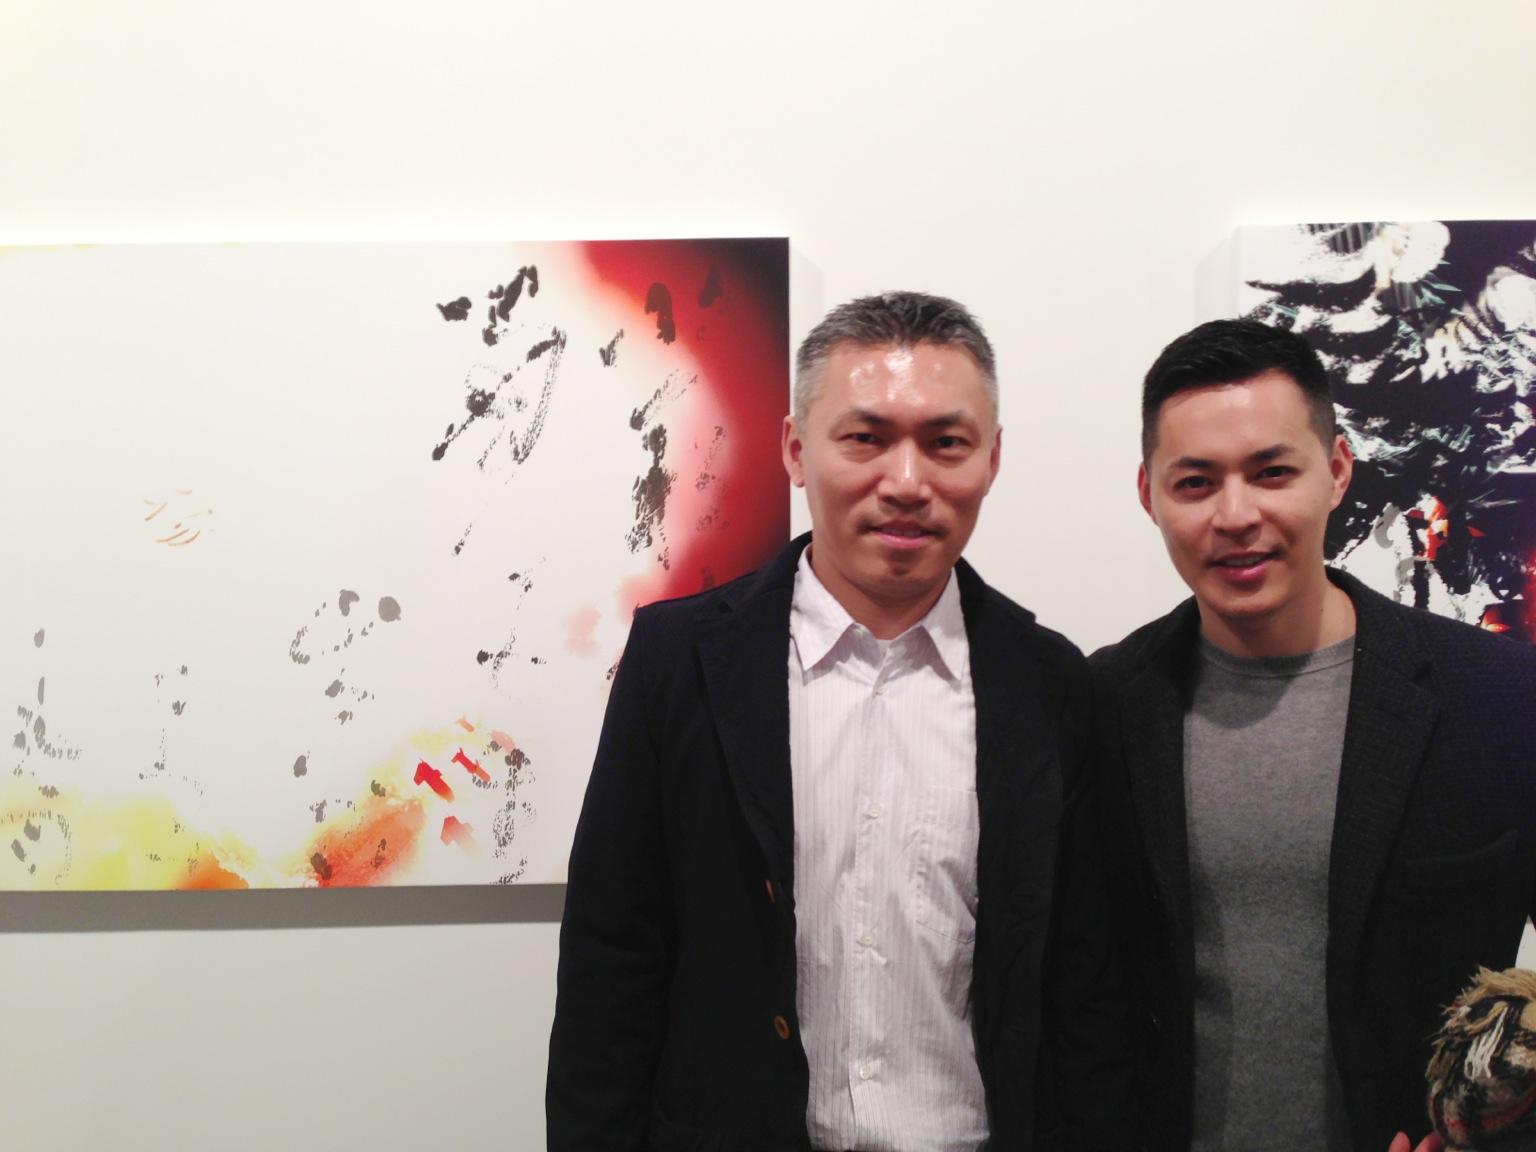 With Chris Mao